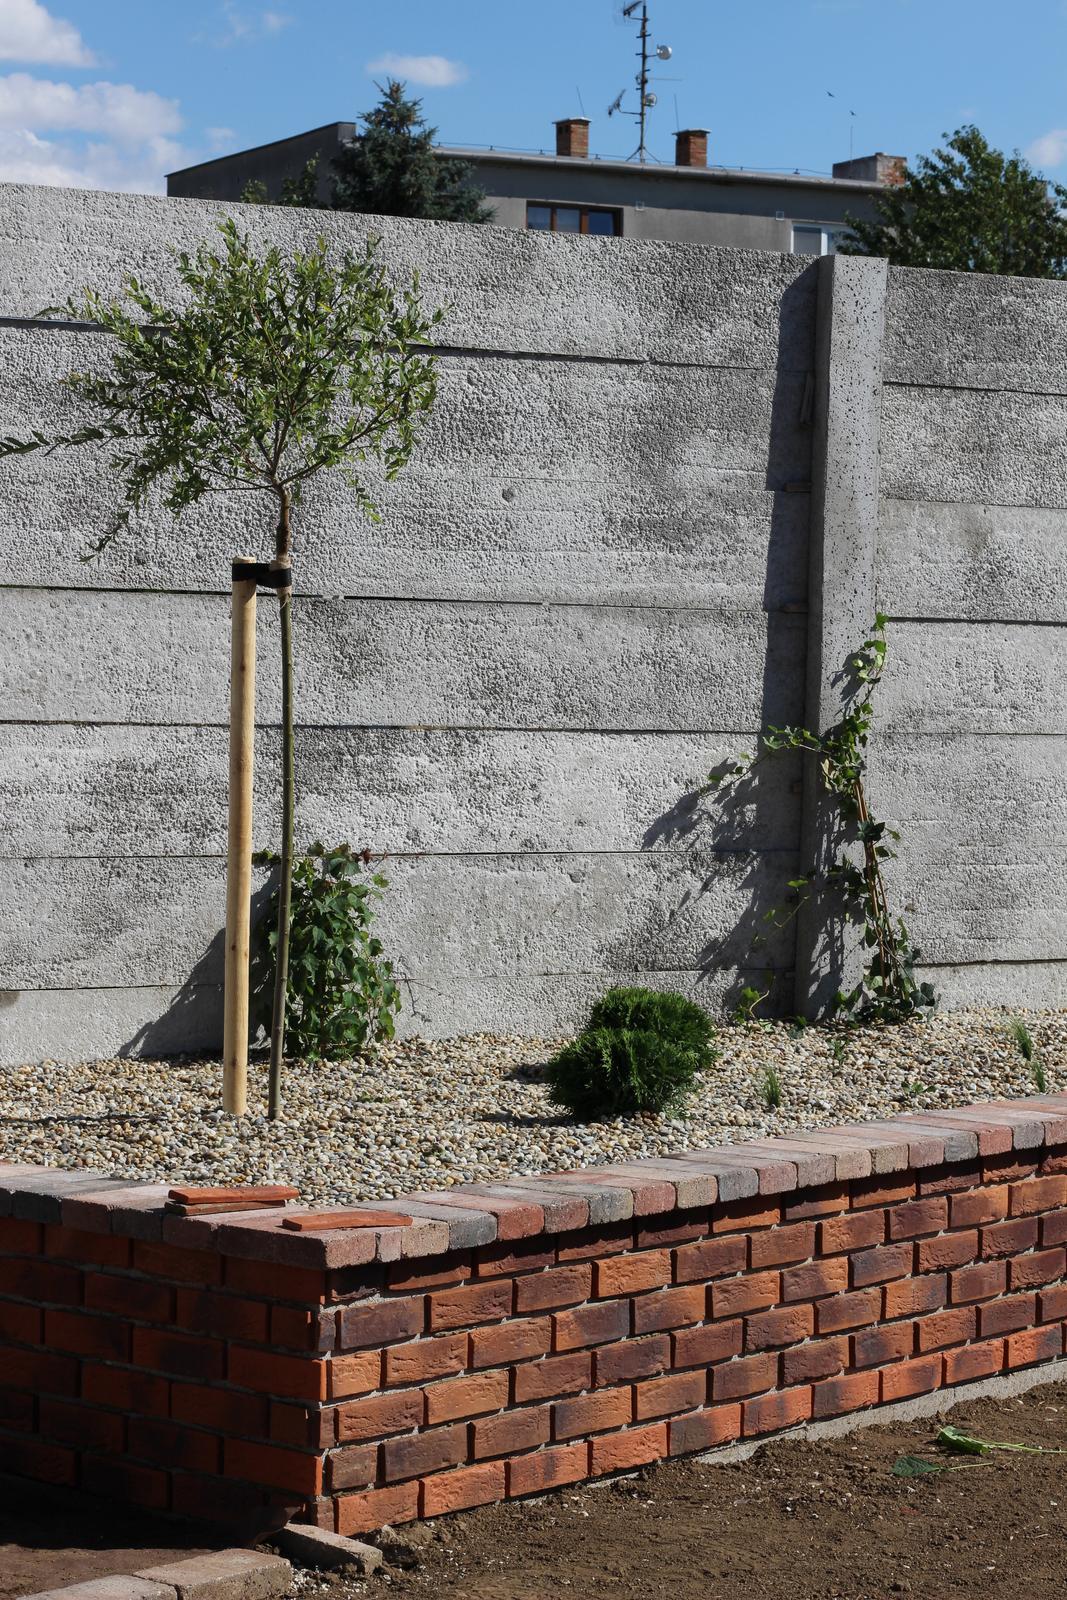 Exteriér - záhrada - Pod vŕbou sú malinké alchemilky, ale budú veľké :-)